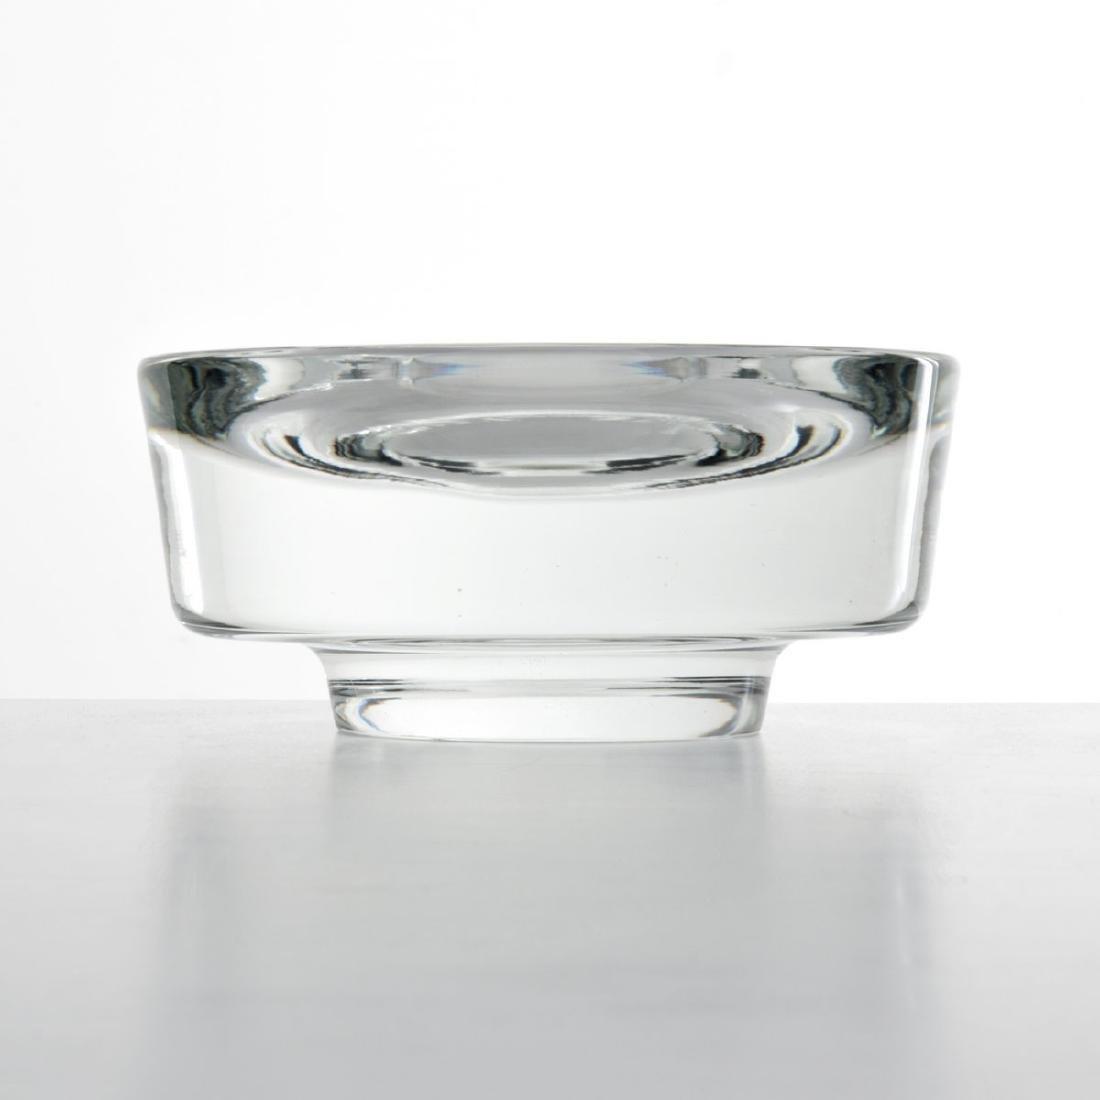 Large Karl Springer Bowl/Vessel - 7